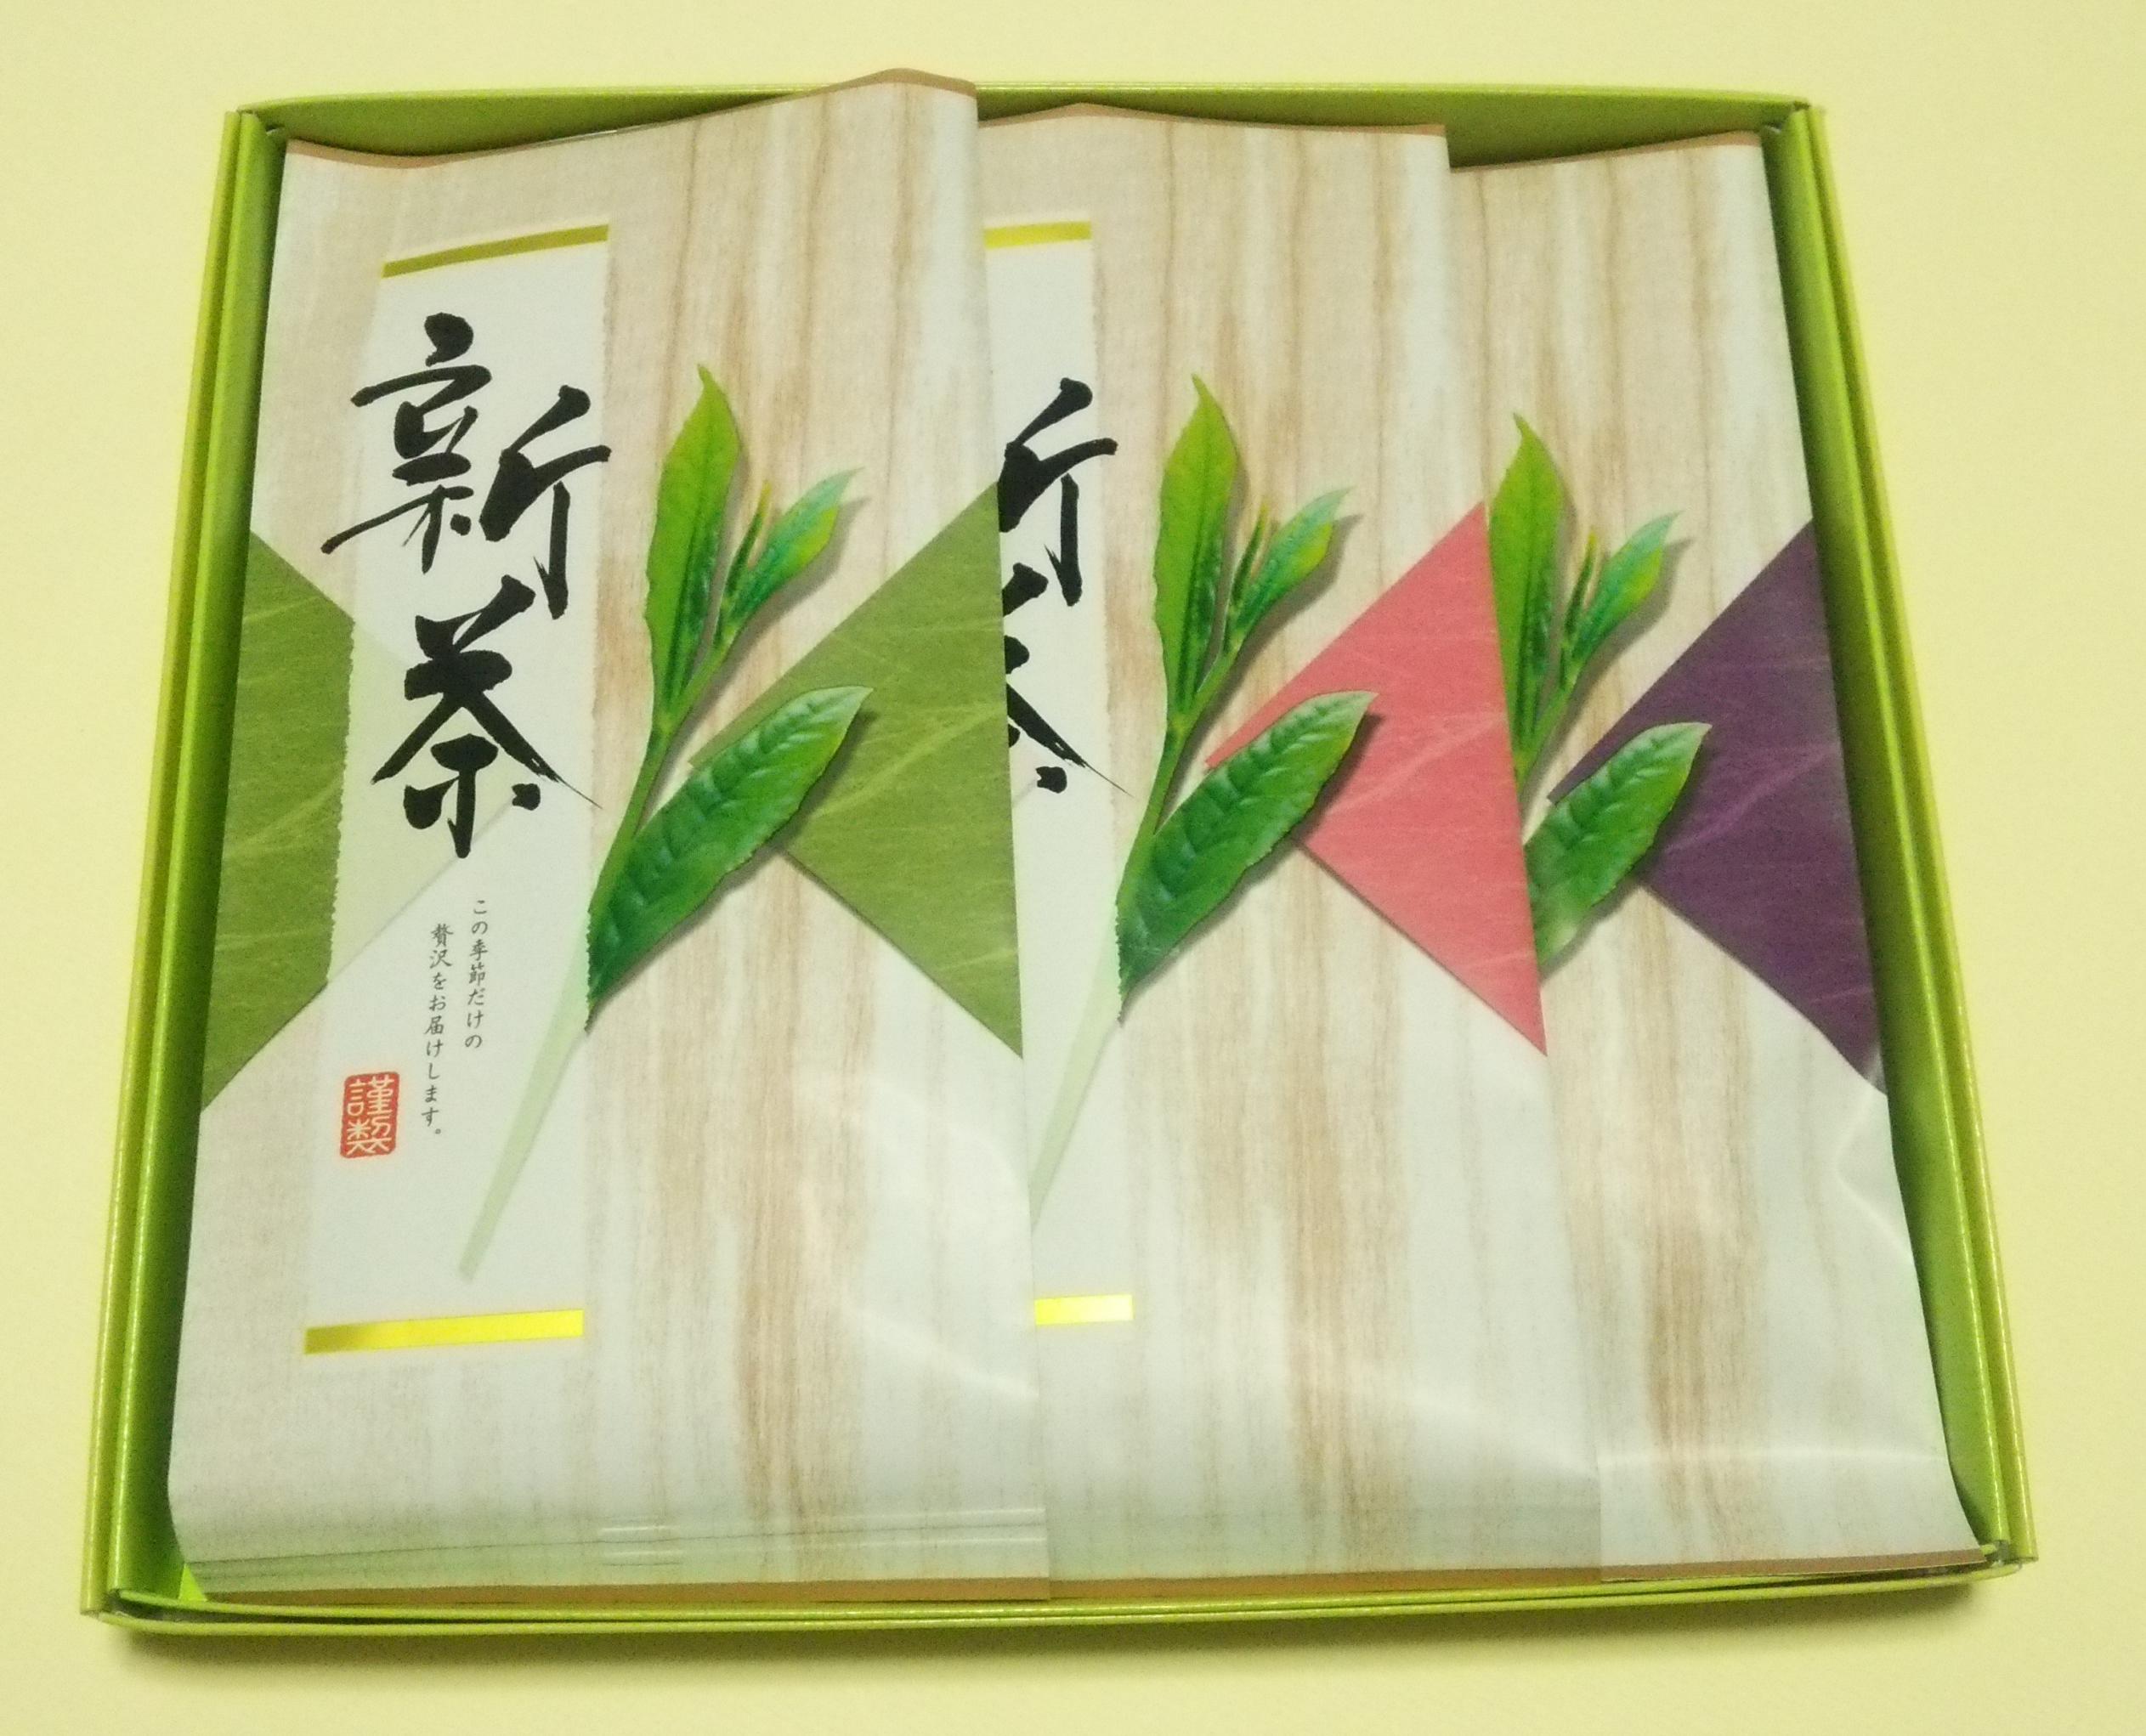 2015新茶新芽摘み3本入り